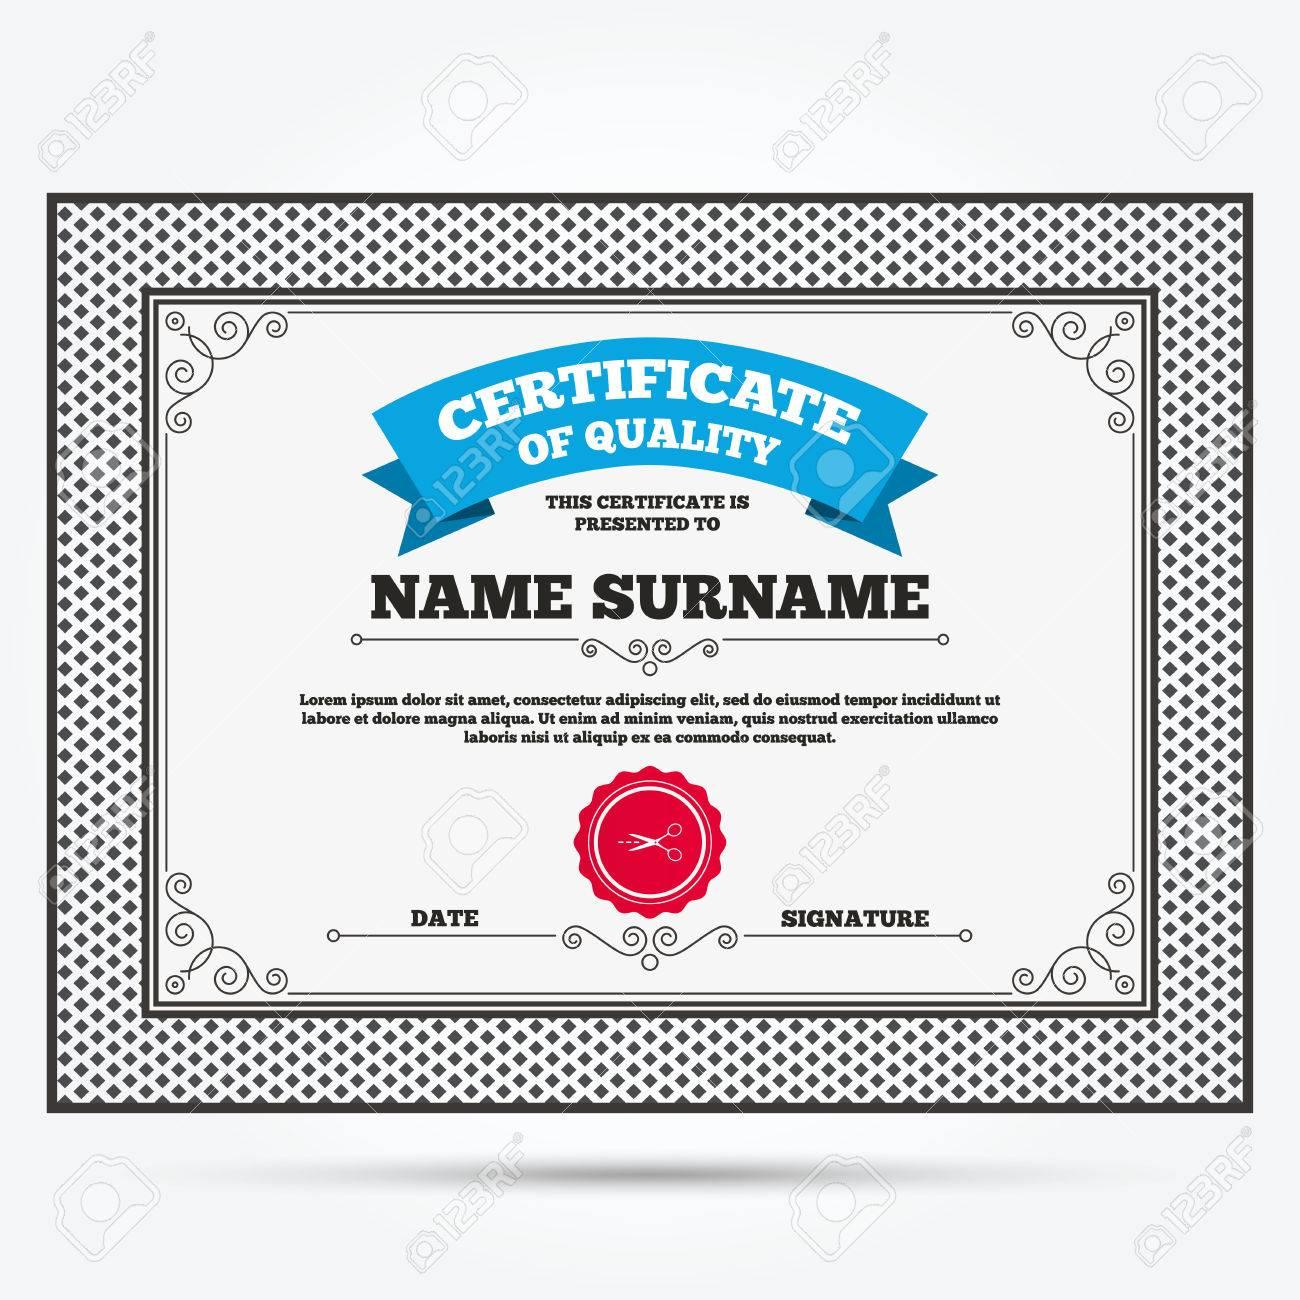 Certificado De Calidad. Tijeras Con Corte Tablero Signo Icono Línea ...